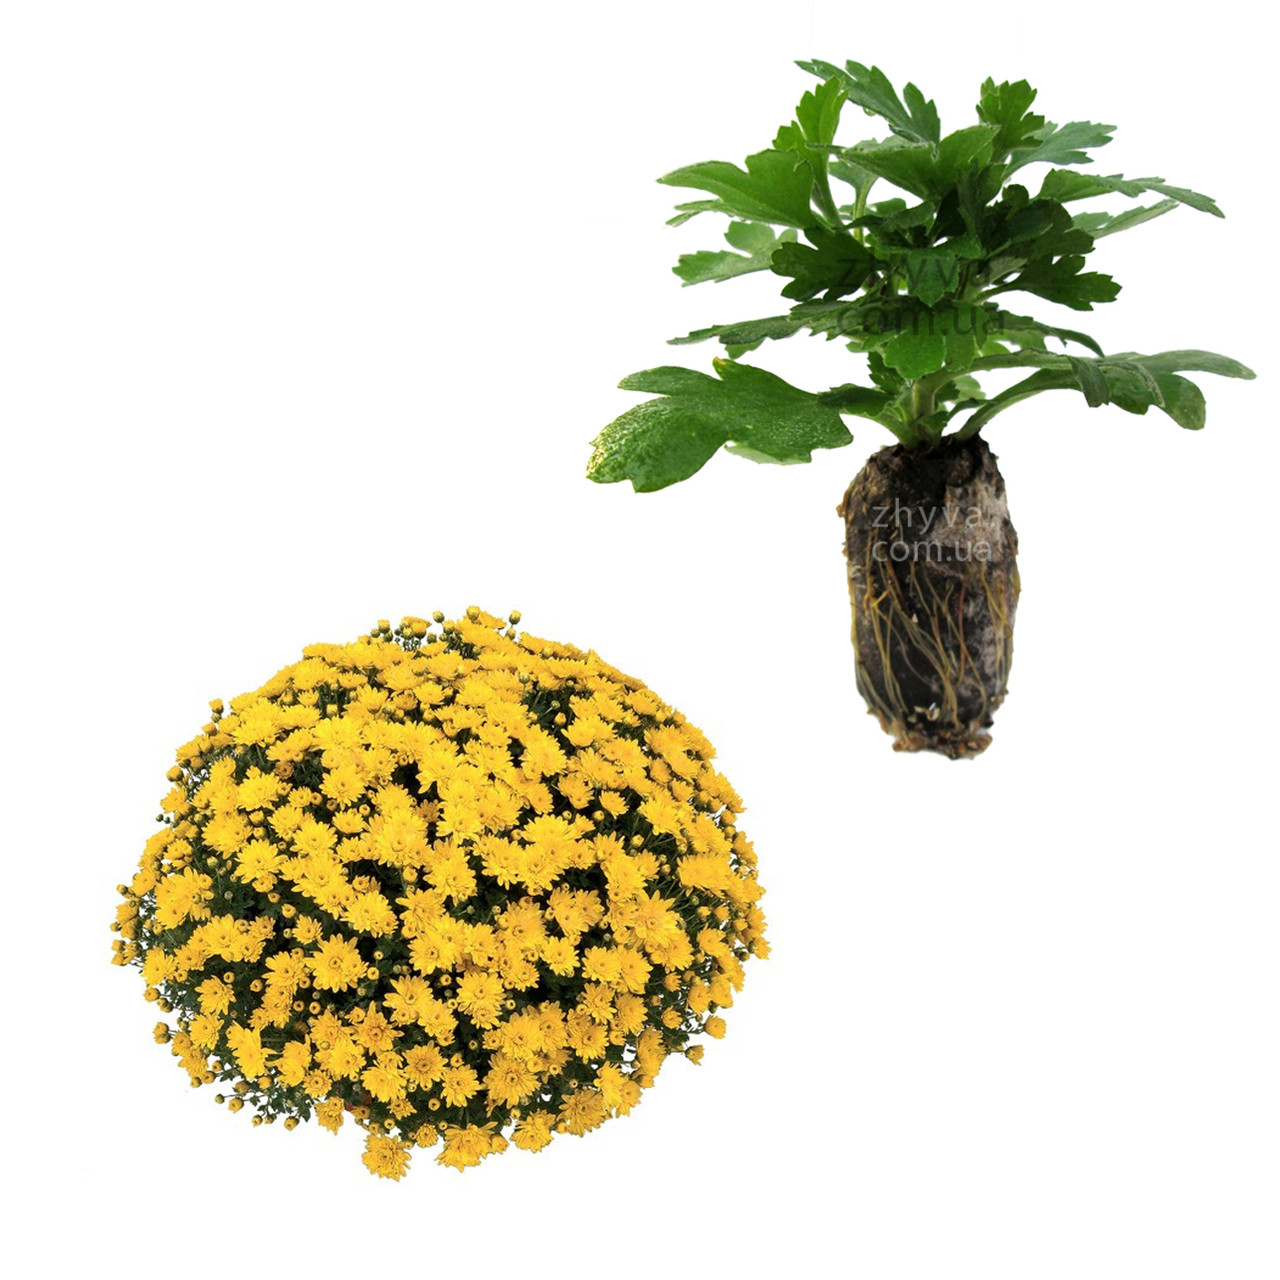 """Саджанці Хризантема Multiflora """"Conaco Yellow'' 1шт / Рассада Хризантема Multiflora """"Conaco Yellow'''"""